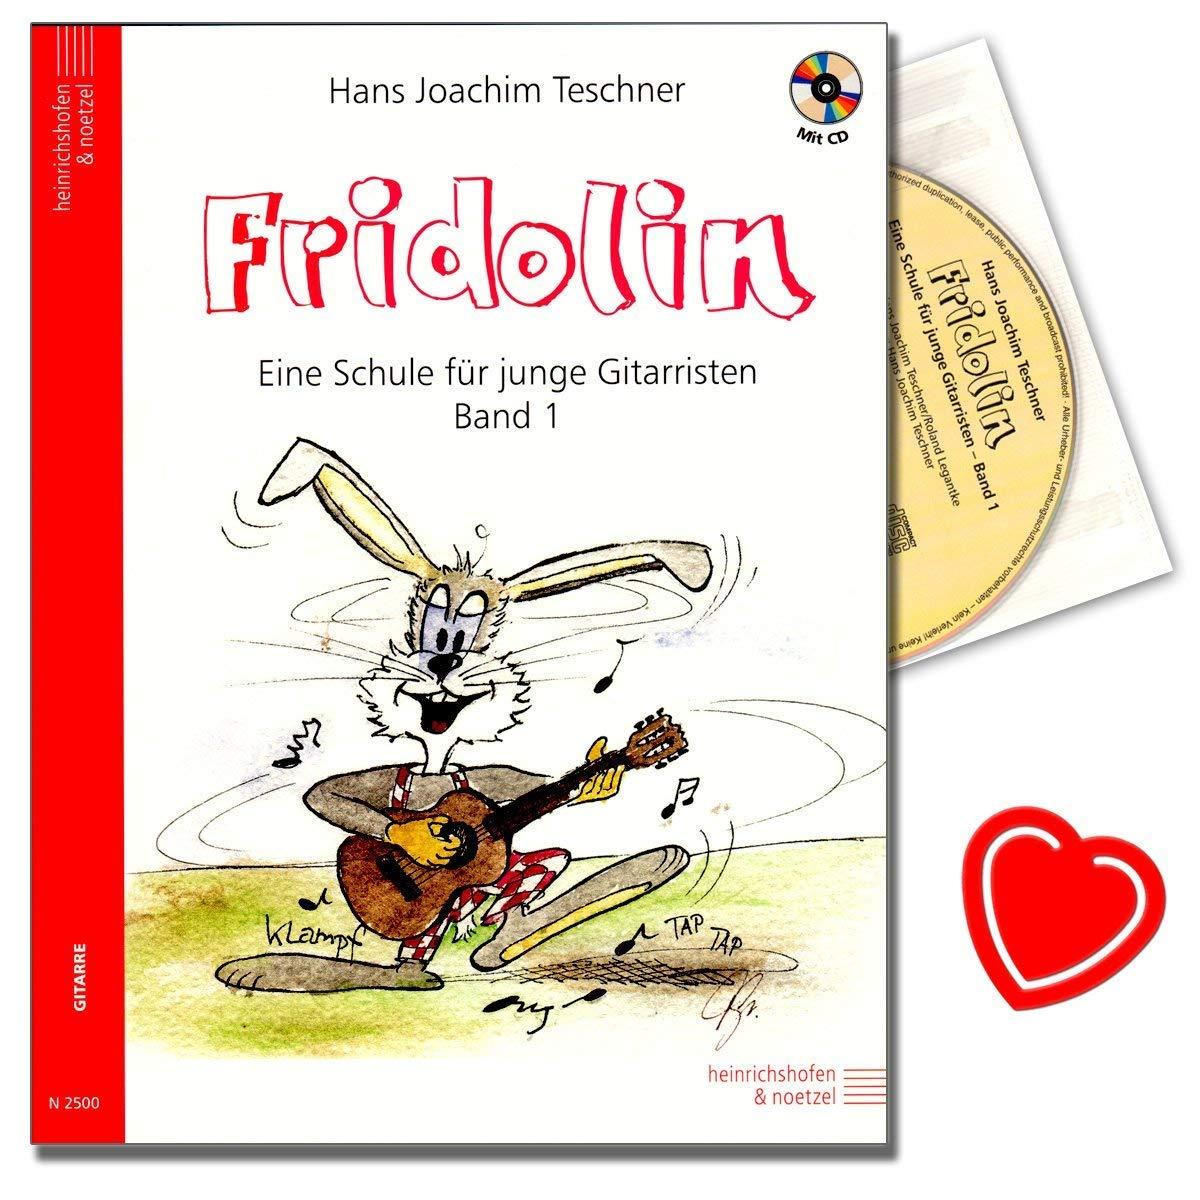 Fridolin Eine Schule Fur Junge Gitarristen Band Wiring Library Kedsum Remote On Off Switch Diagram